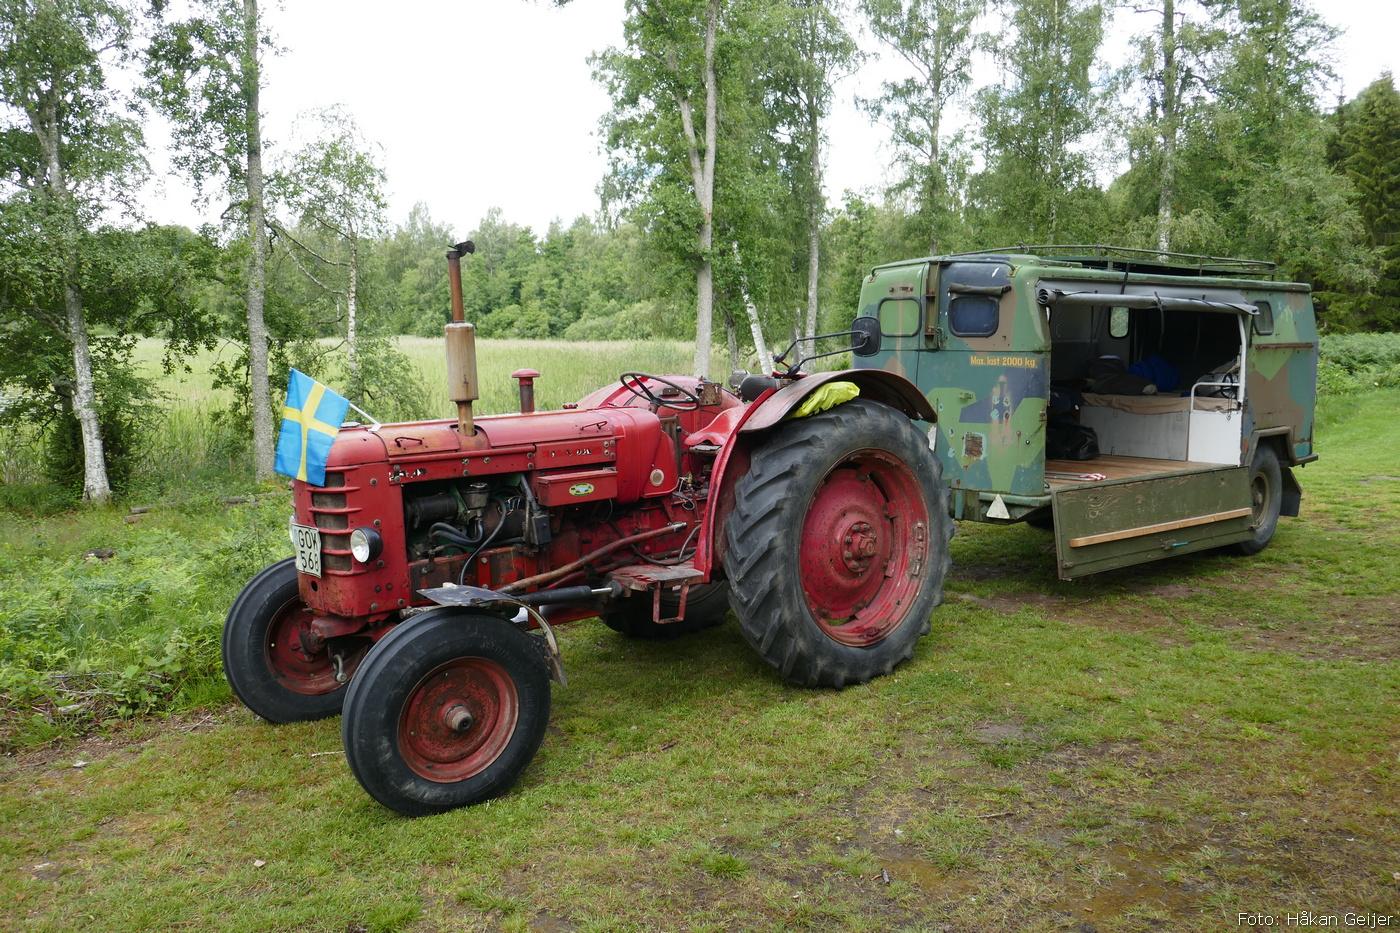 2019-07-07_03_traktorresa